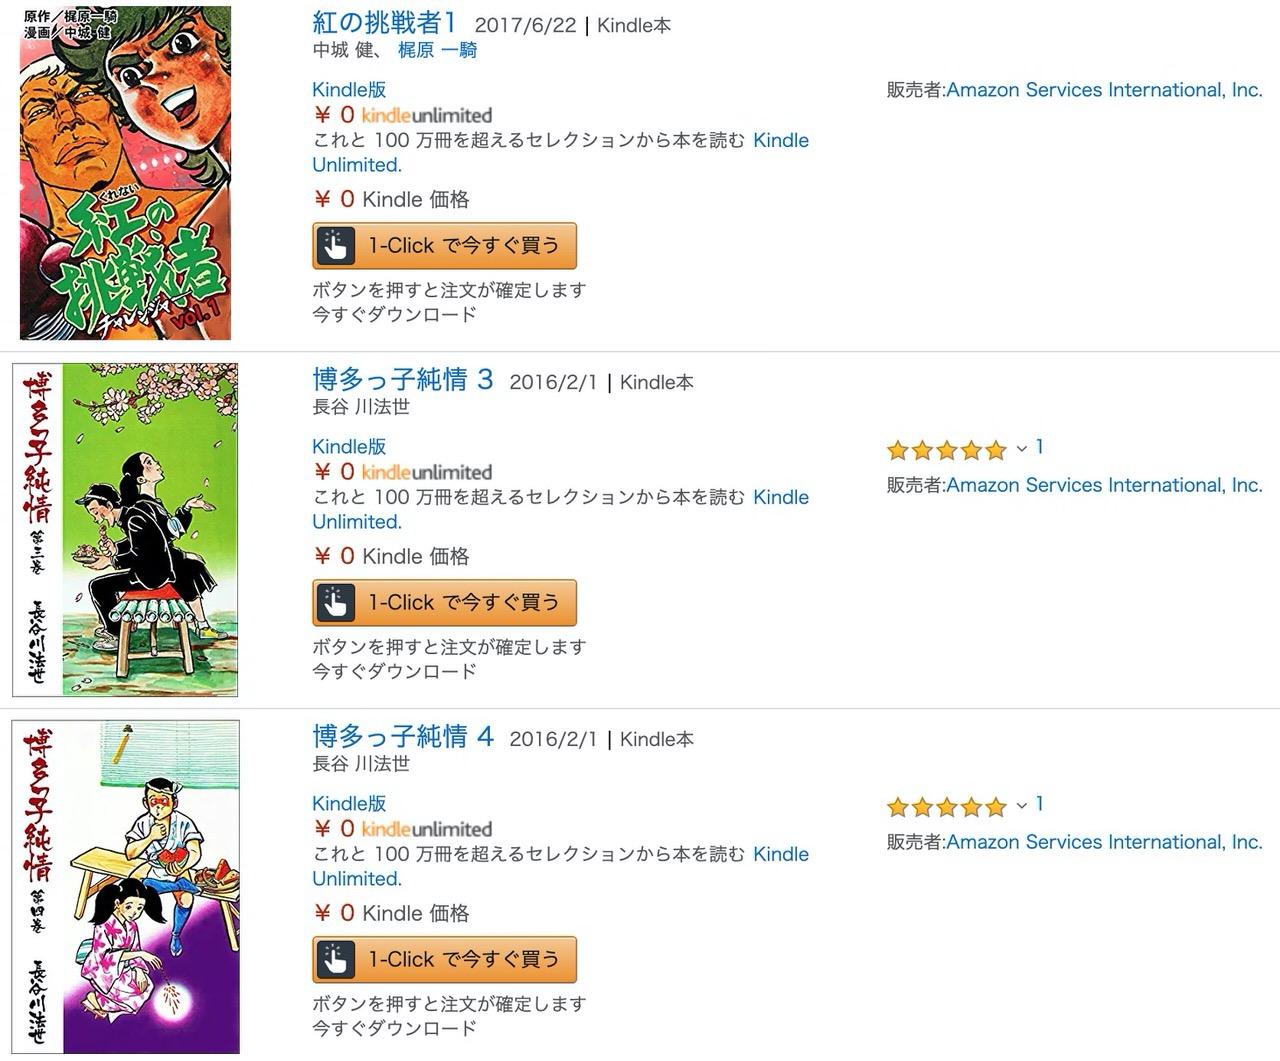 【Kindleセール】やる気まんまん、紅の挑戦者、博多っ子純情などが無料+11円均一「読んだらハマる昭和の名作マンガフェア」(4/9まで)